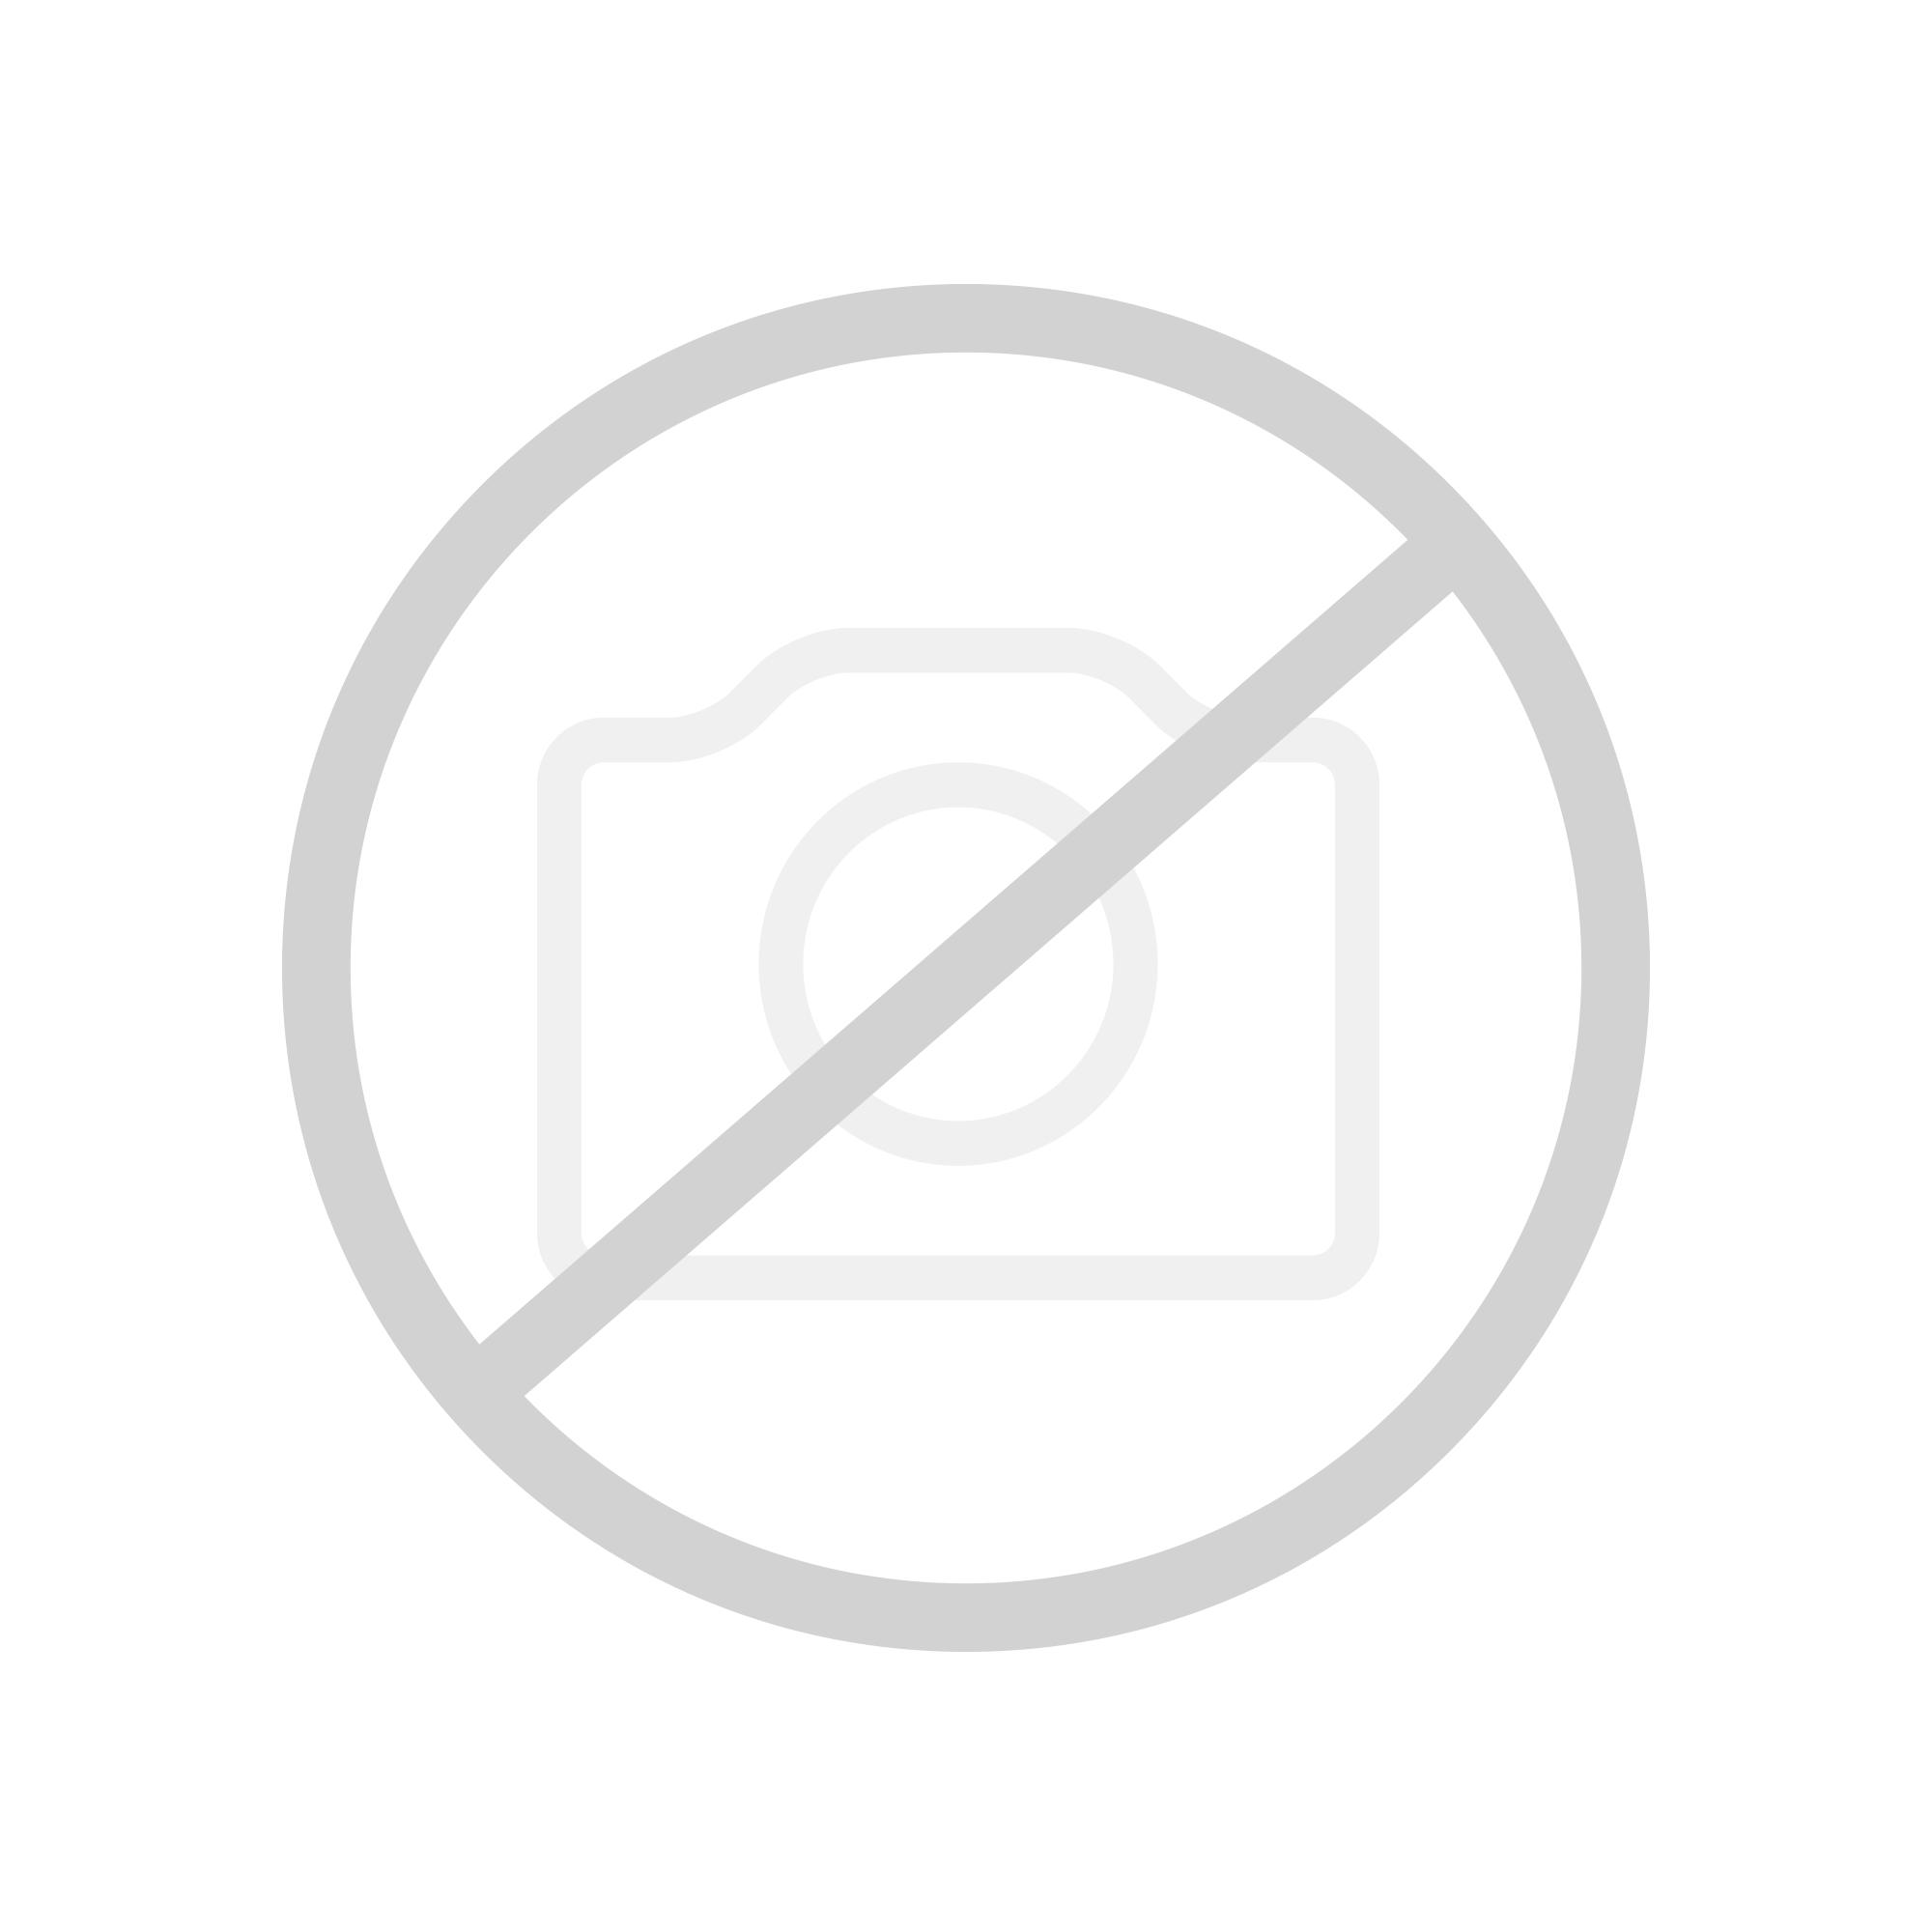 kaldewei superplan viereck duschwanne lavaschwarz matt 430647930717 reuter onlineshop. Black Bedroom Furniture Sets. Home Design Ideas